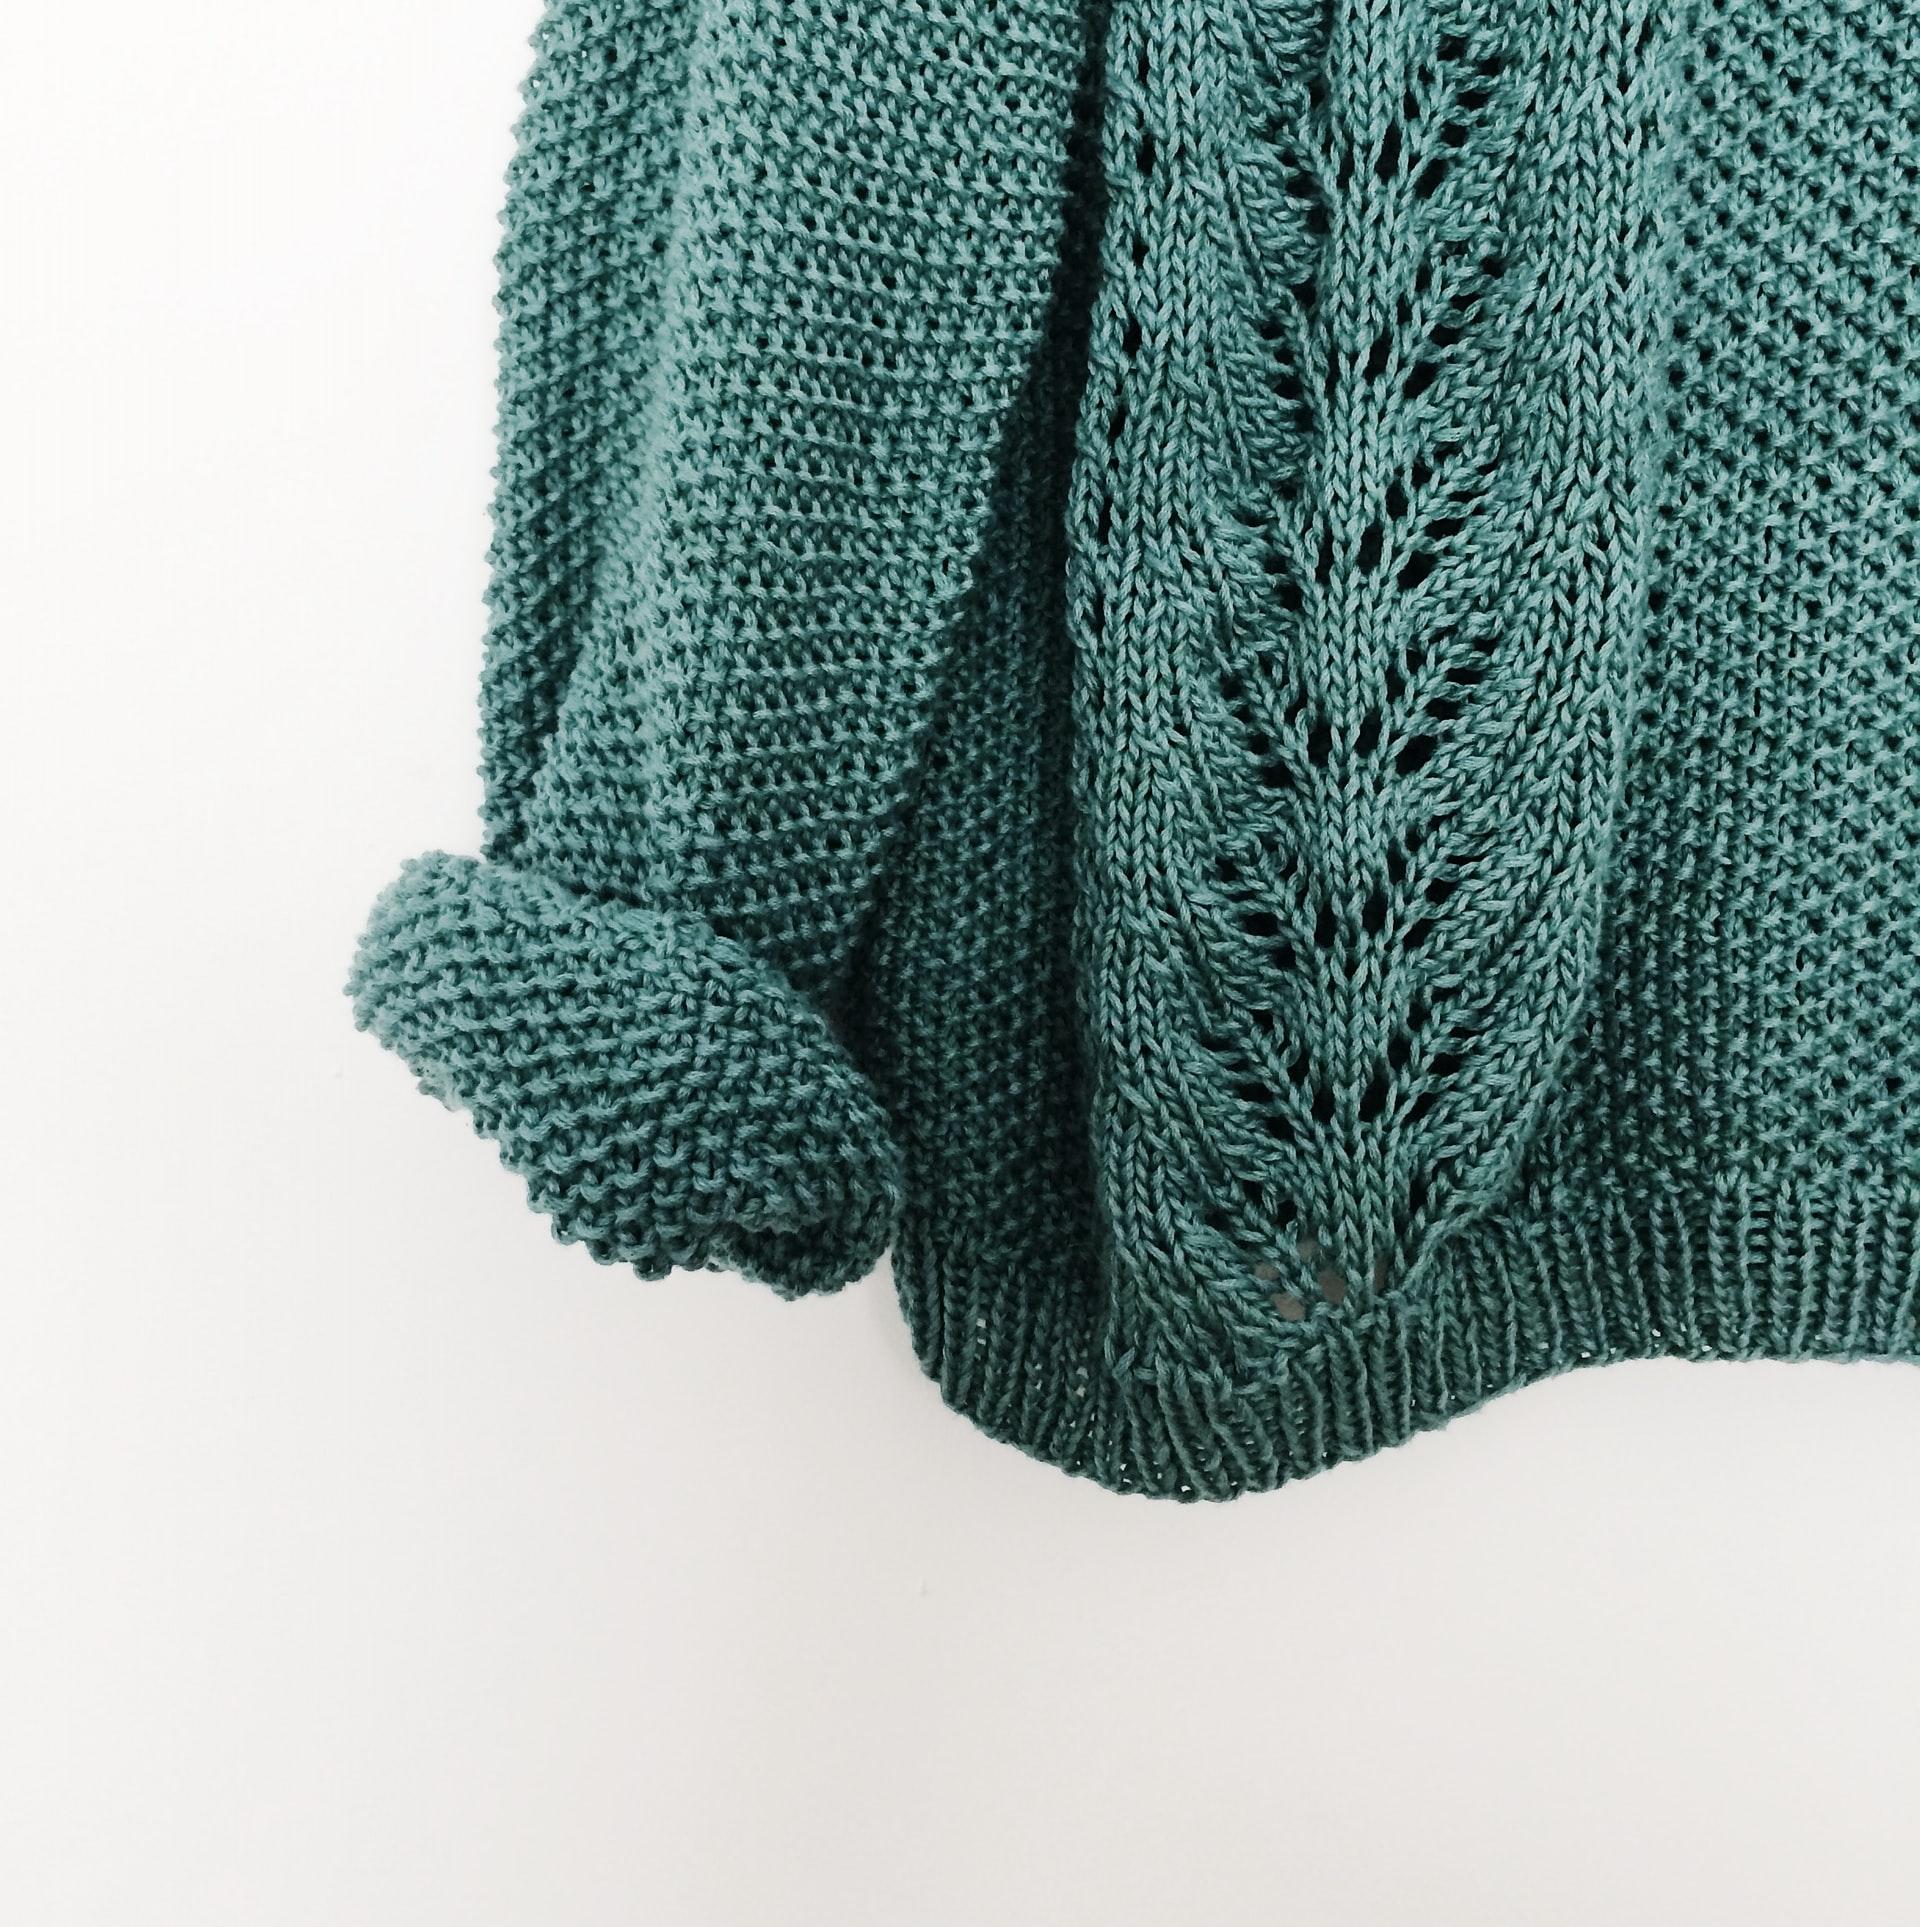 Blog post: Wist je dat je dit kon doen met oud textiel?